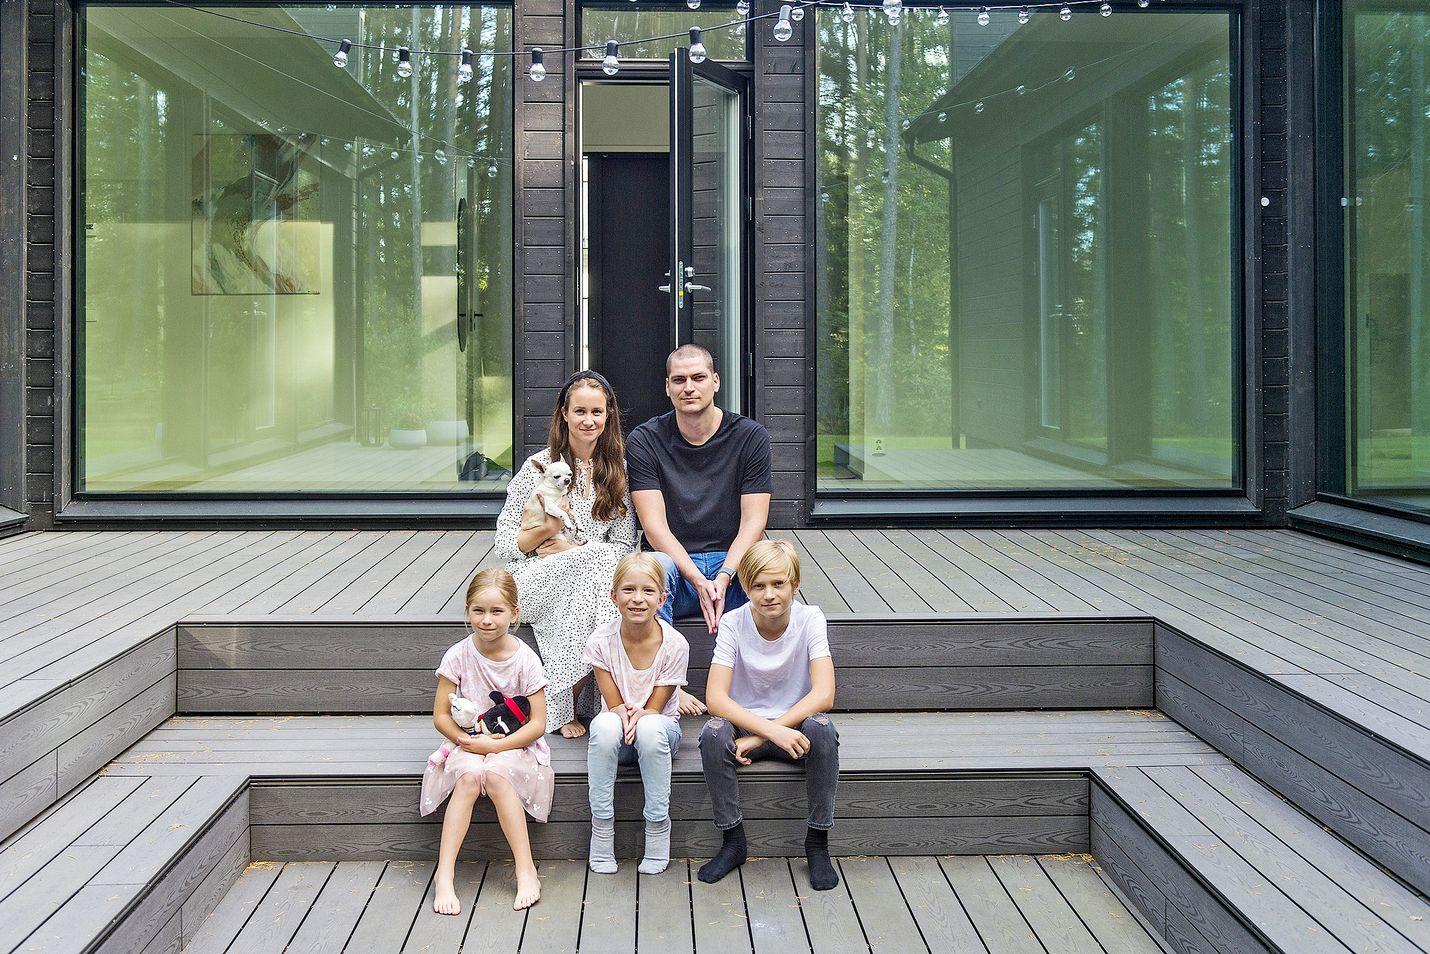 Jenna ja Taneli Lahtovaara, lapset Eemi, Nuka ja Luna sekä perheen Neeko-koira viettivät erityisesti kesällä paljon aikaa suojaisalla takapihalla.